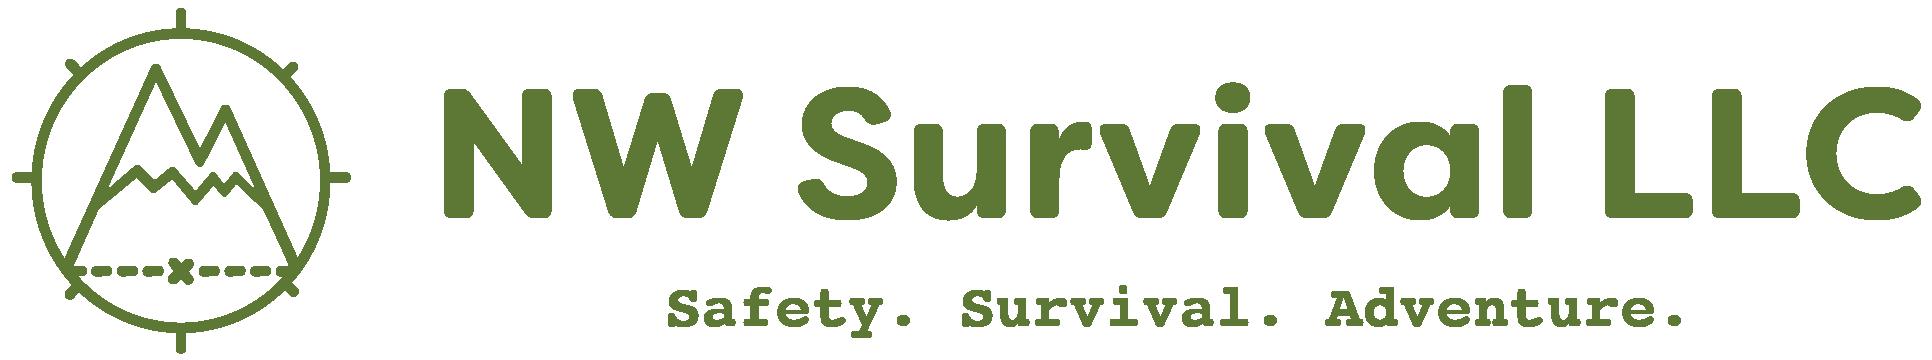 NWS_Horizontal Slogan_Green.png